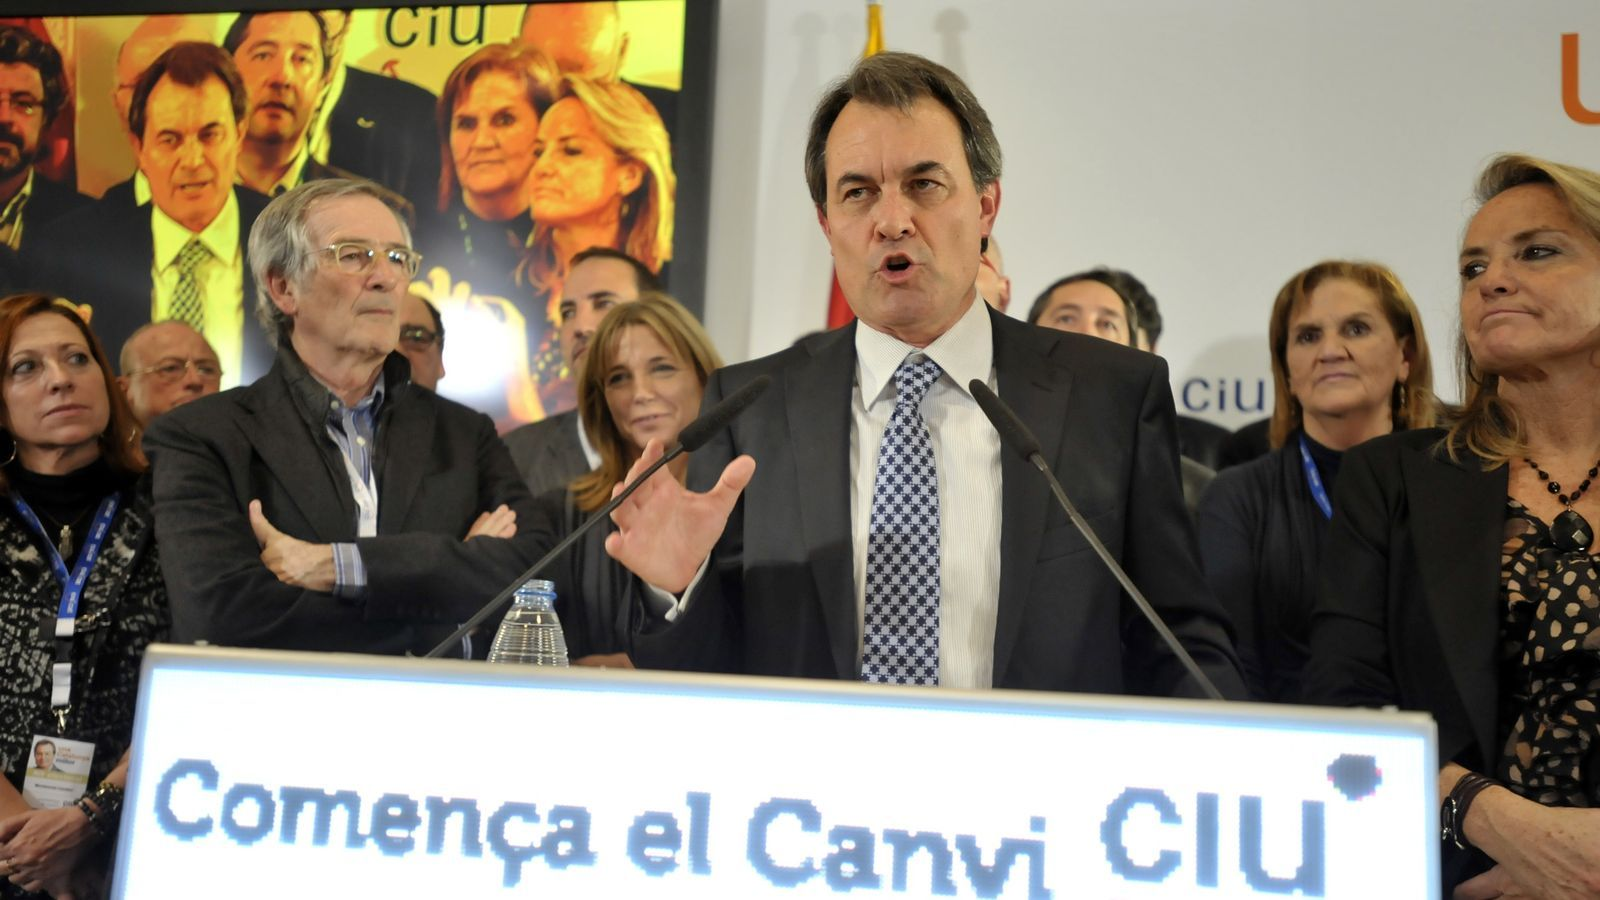 Artur Mas, victoriós, durant el seu discurs